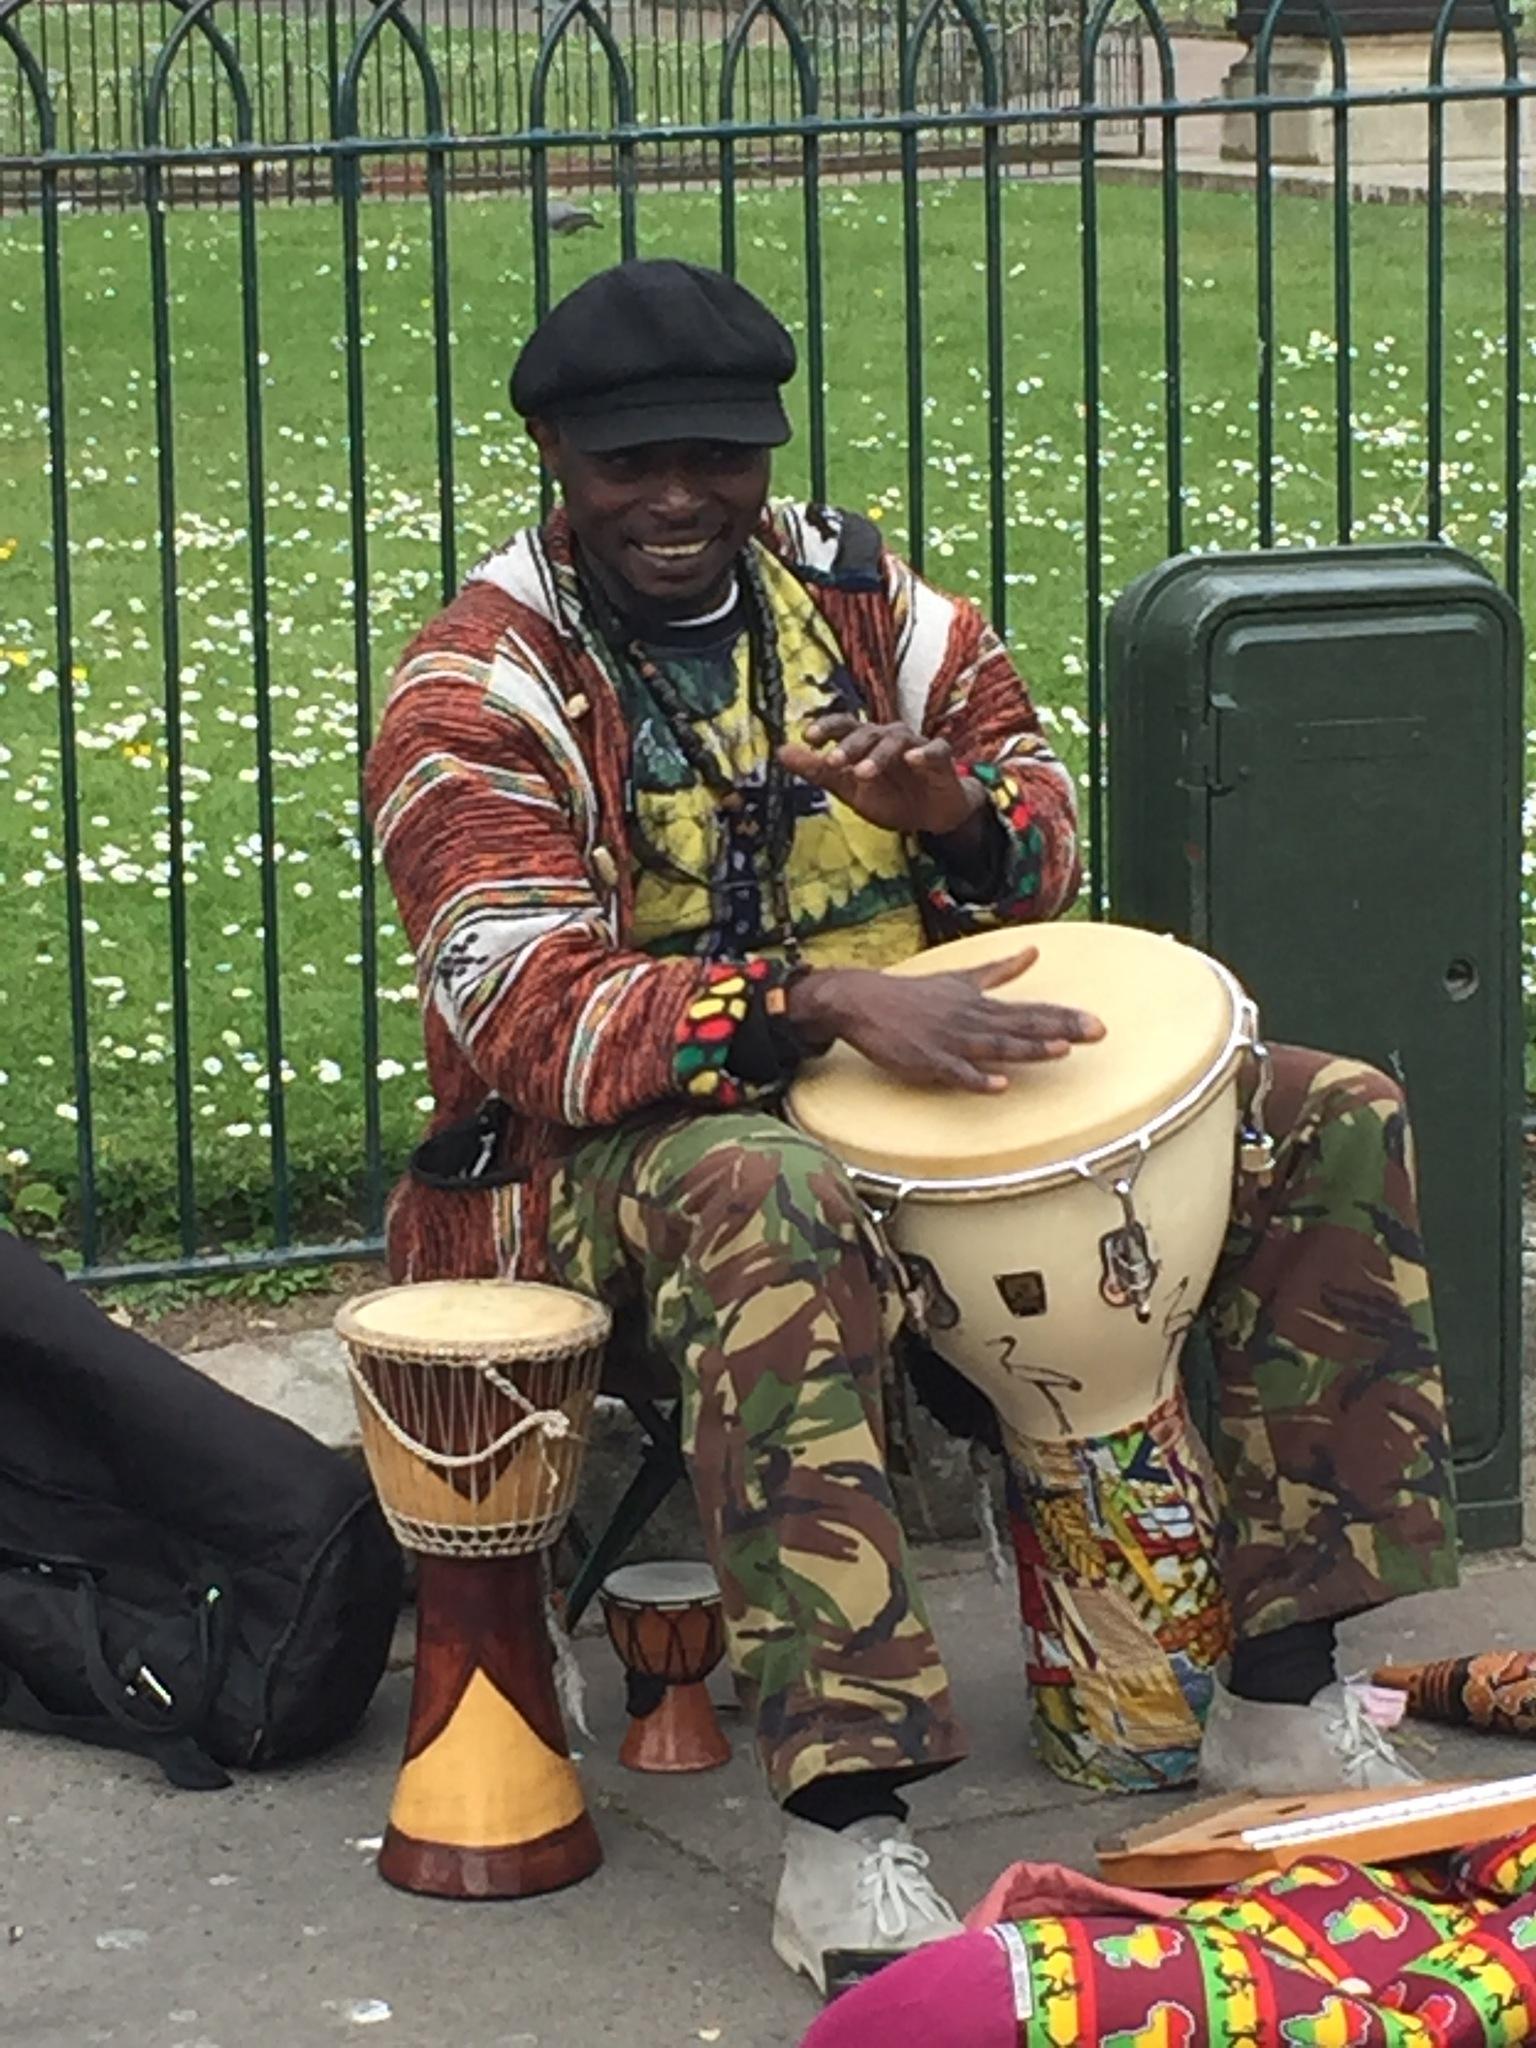 Drum player by KurdSpring